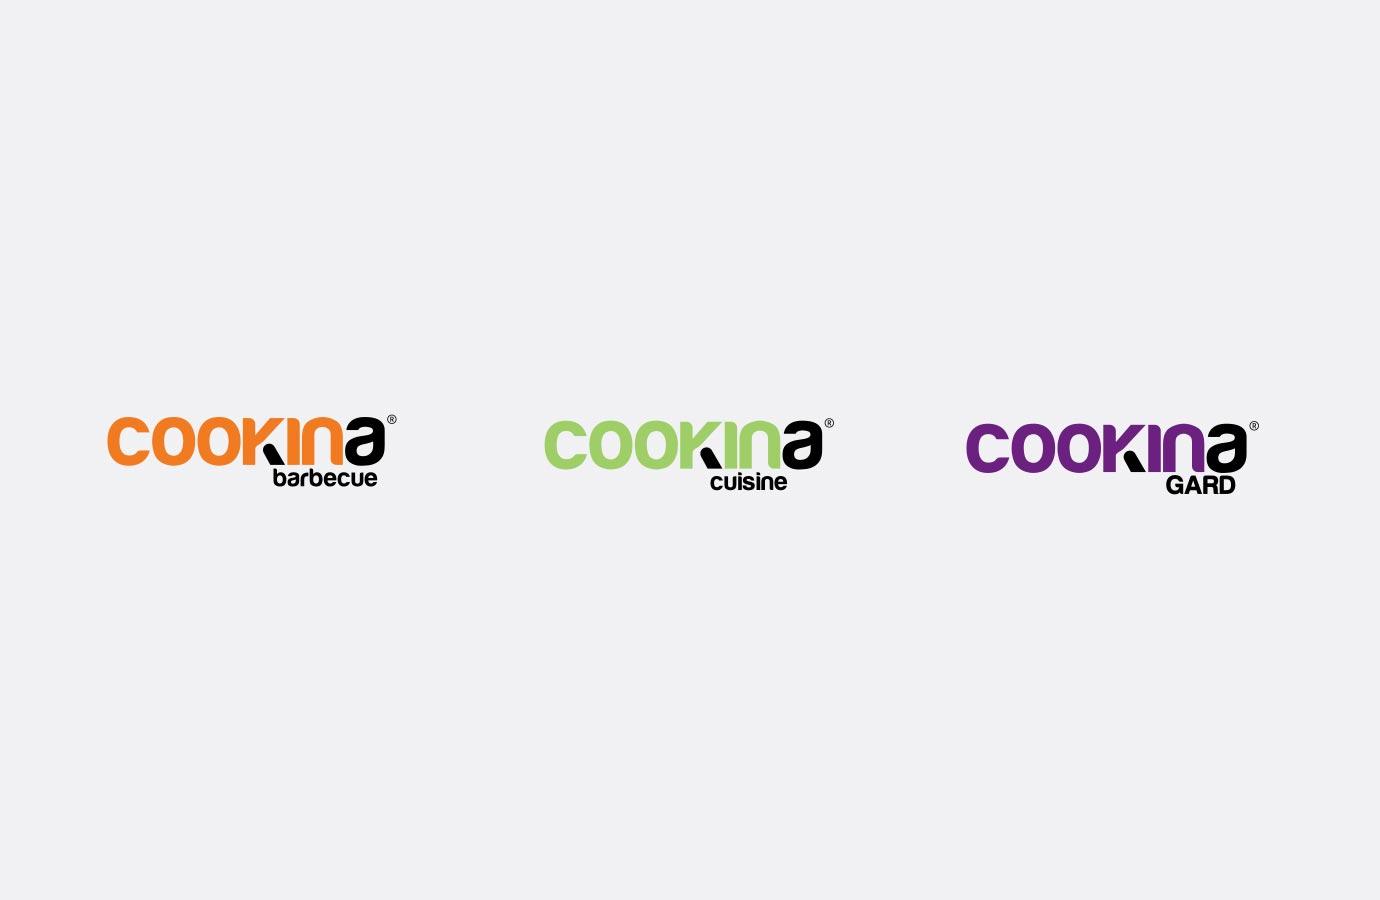 Identité, logos des différents produits offerts par Cookina